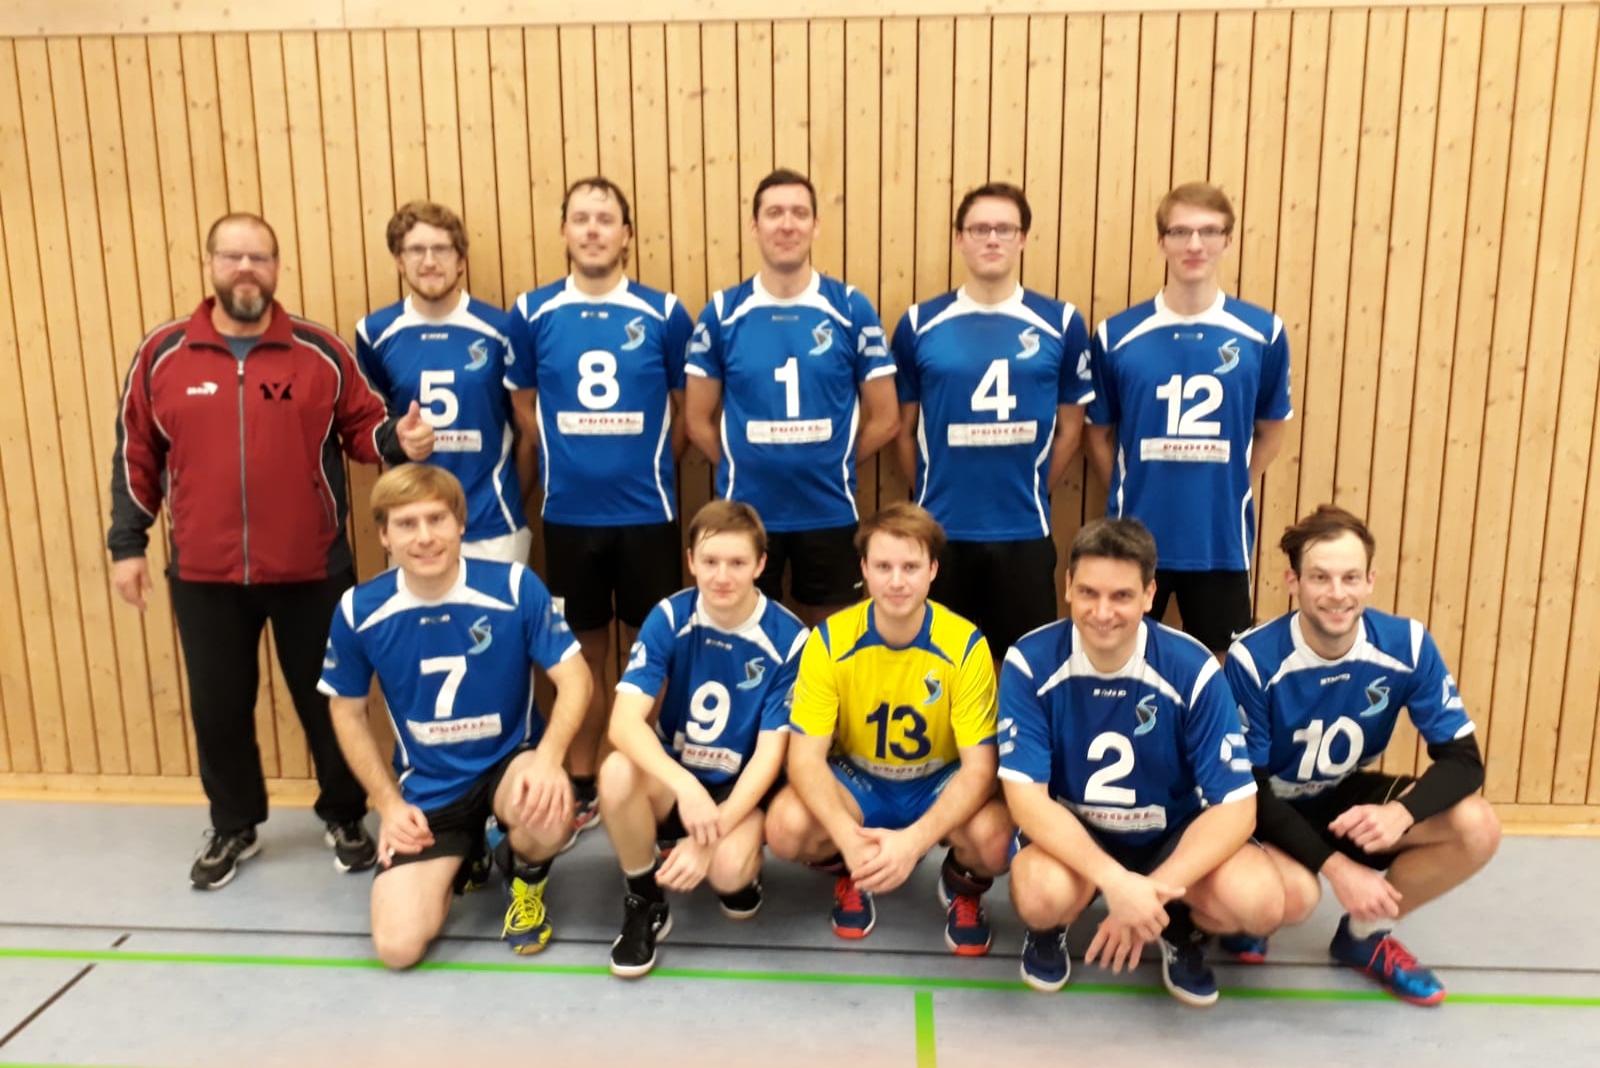 H2 Sieg Hausen 4.11.2018 SV Salamander Kornwestheim Volleyball